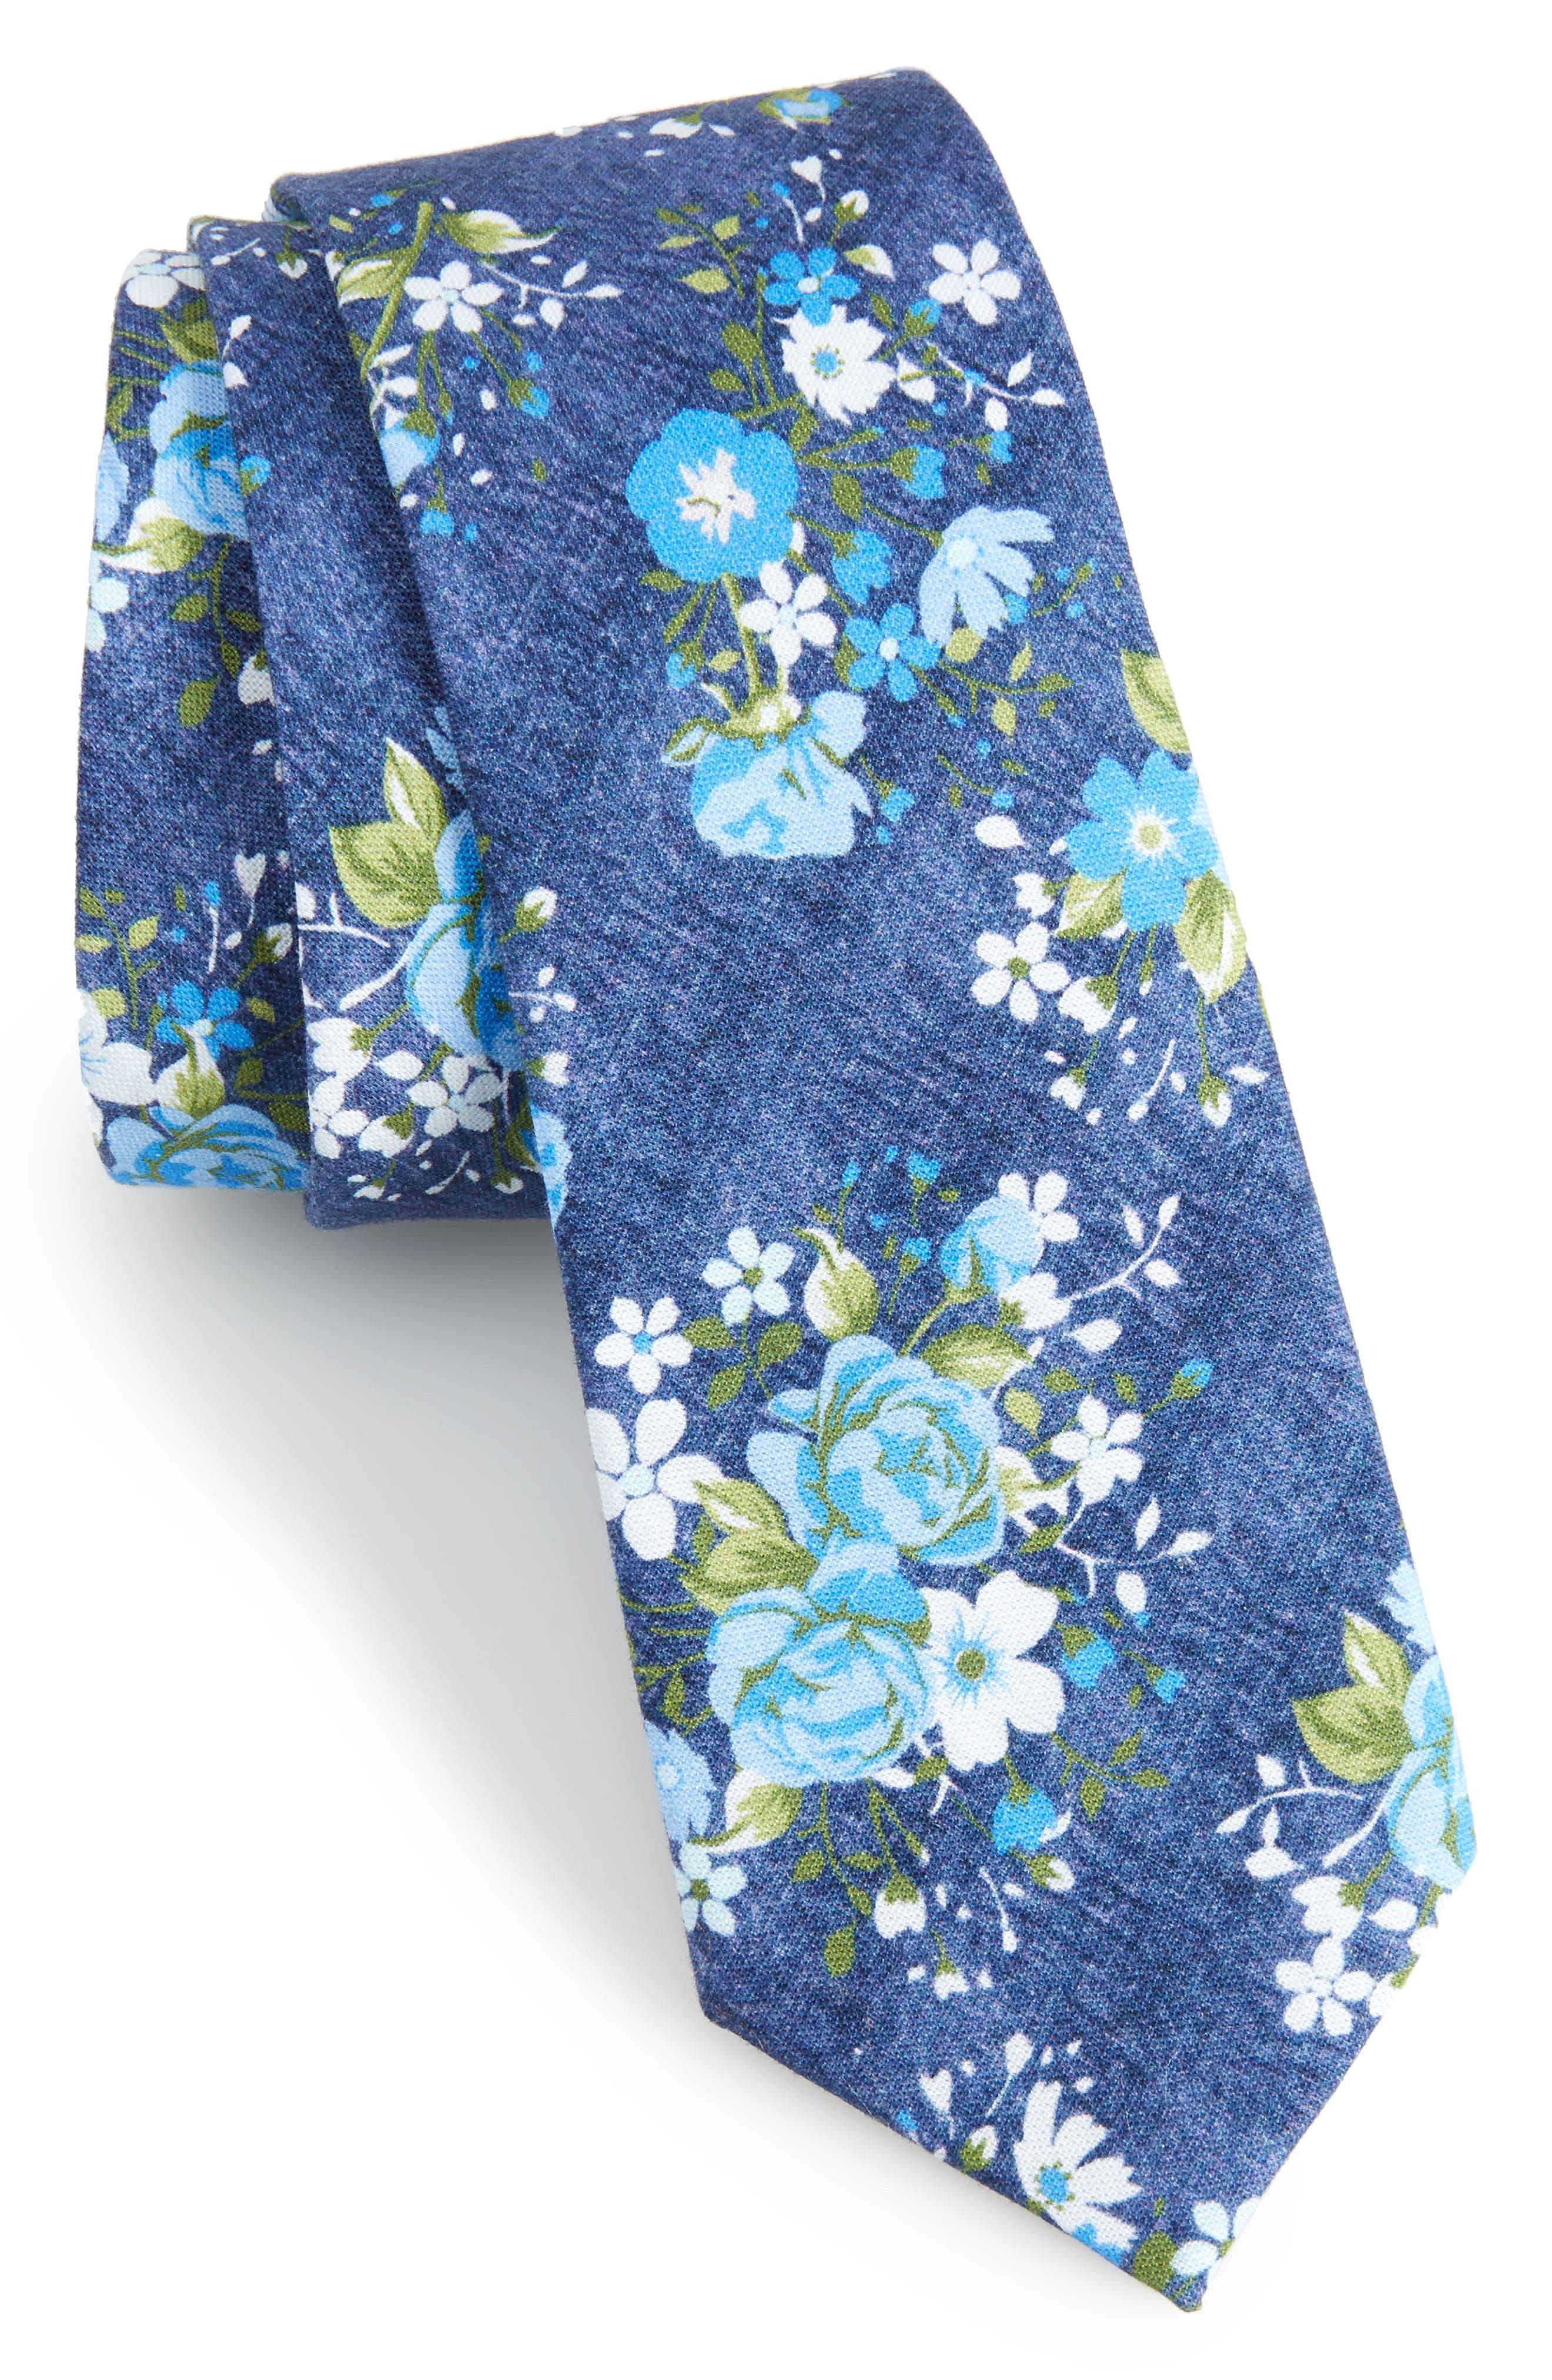 Main Image - Nordstrom Men's Shop Morgan Floral Cotton Skinny Tie